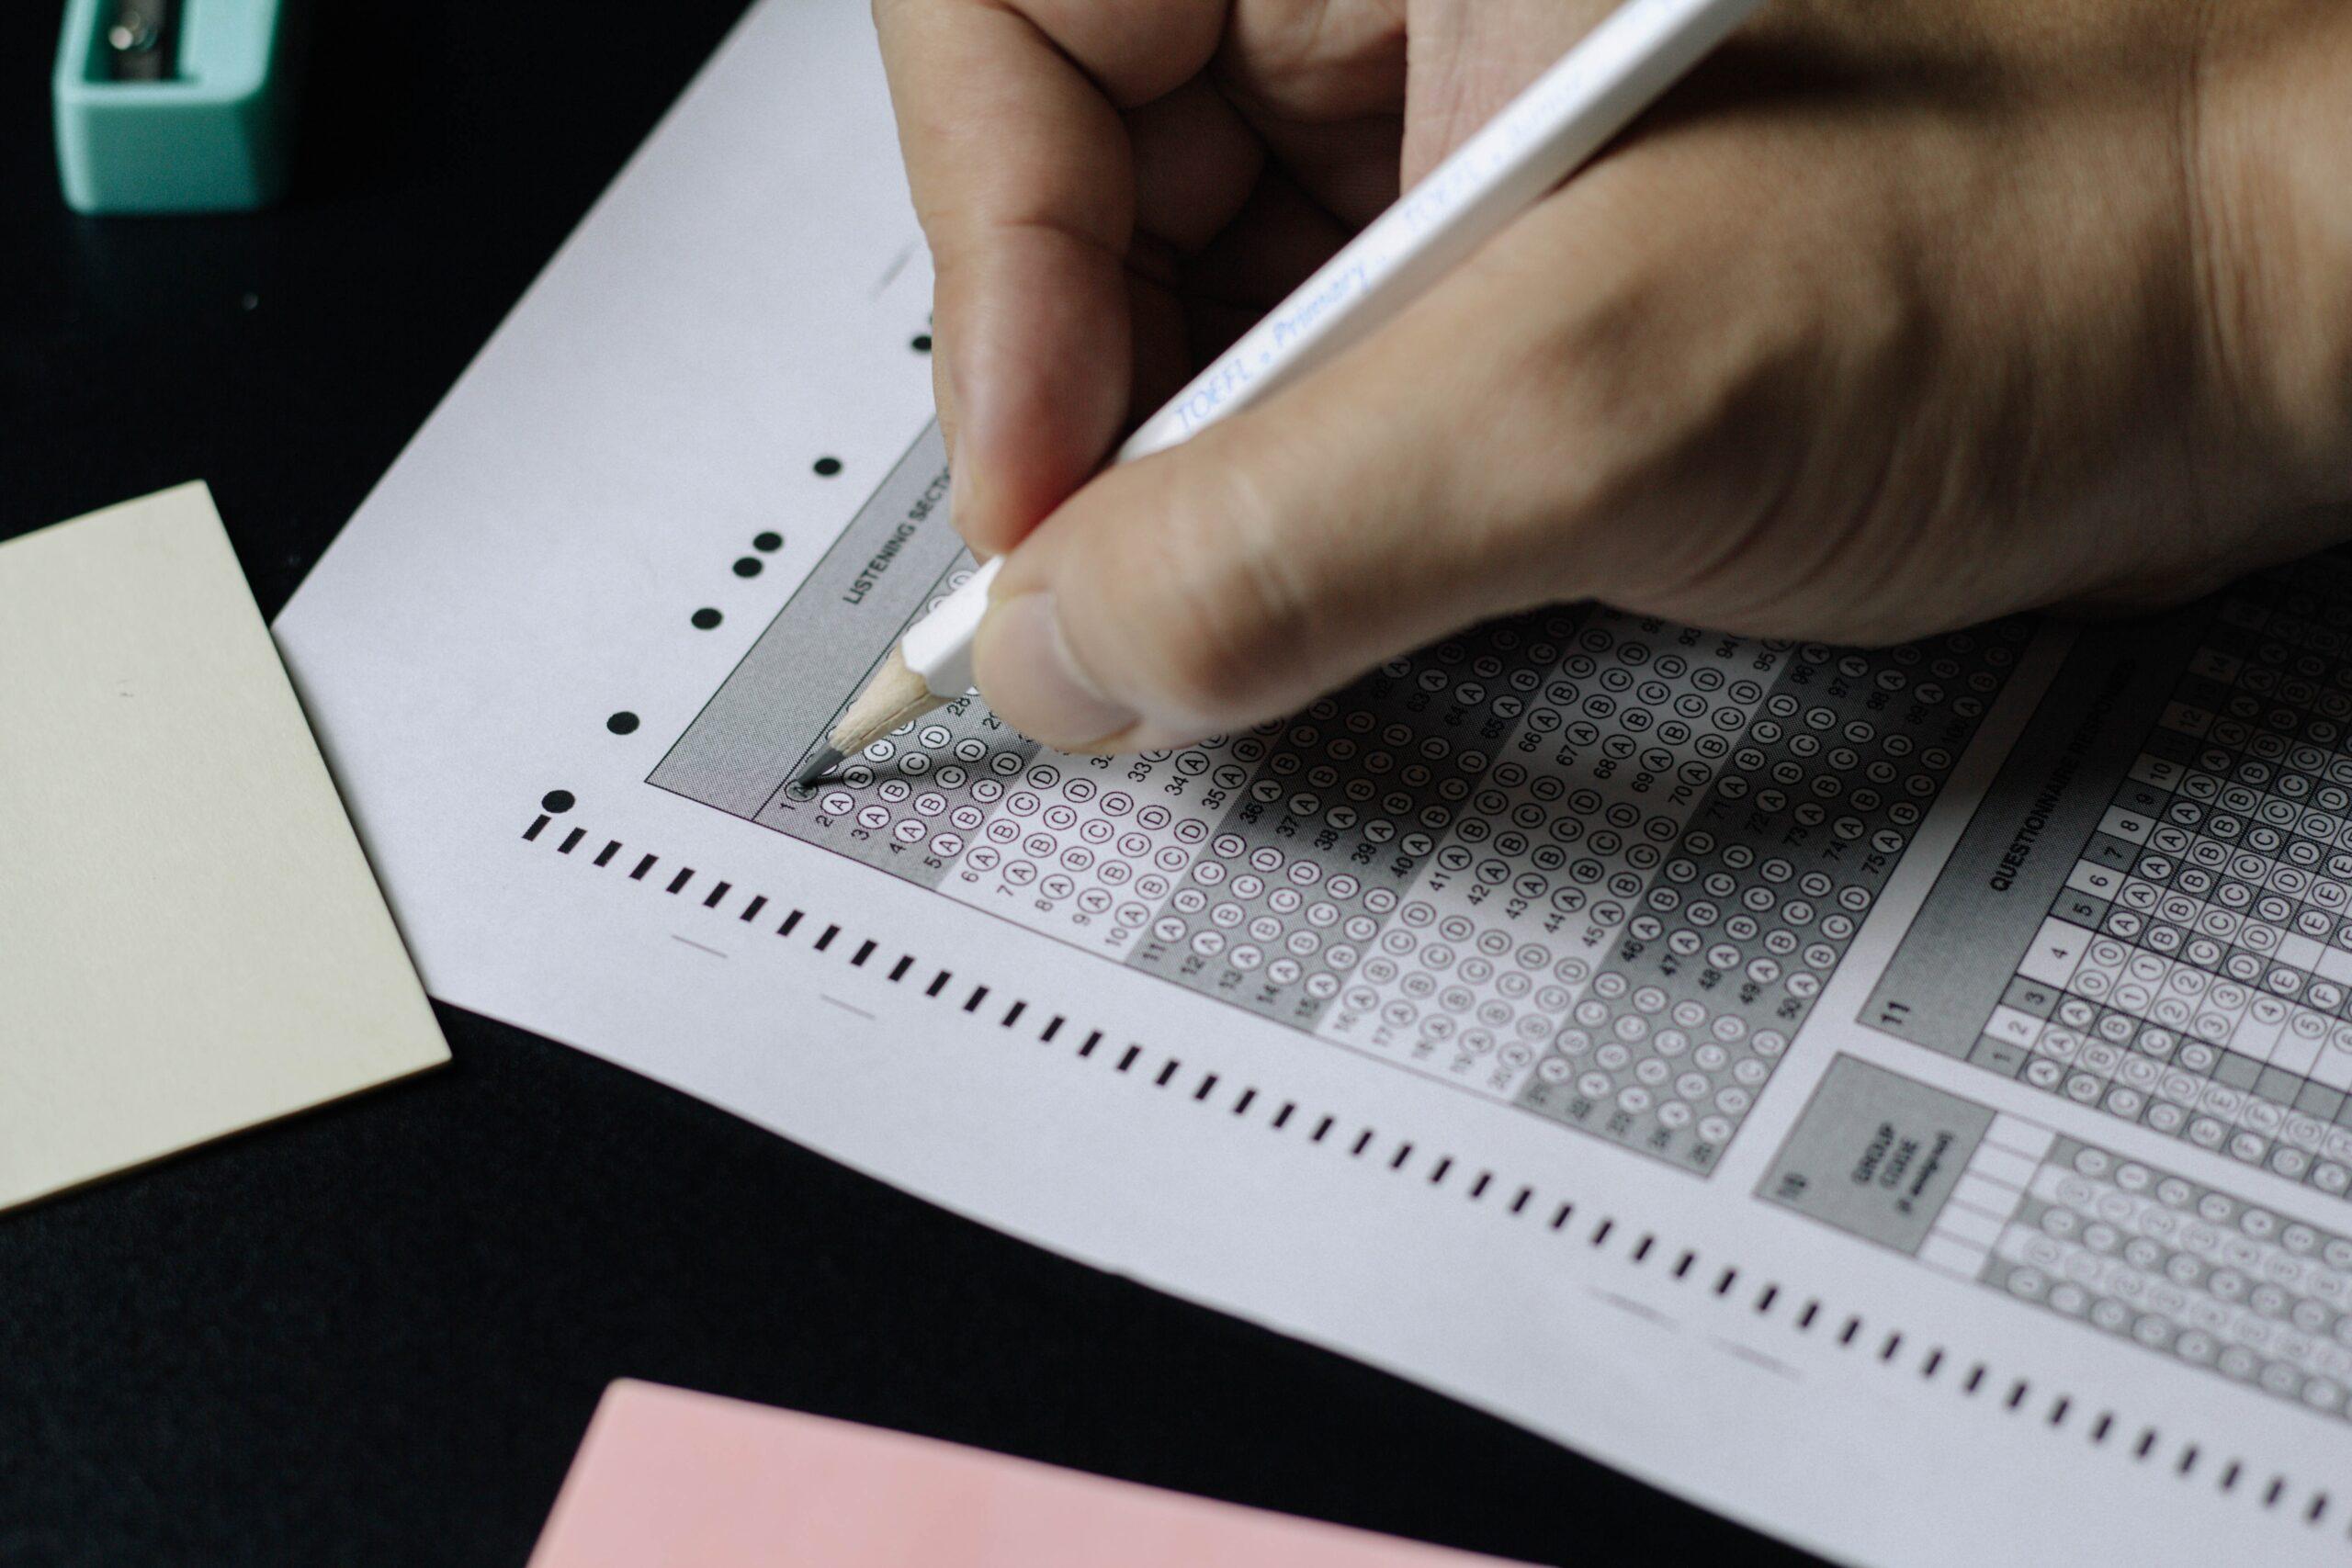 IELTS o TOEFL: ¿Cuál deberías elegir?